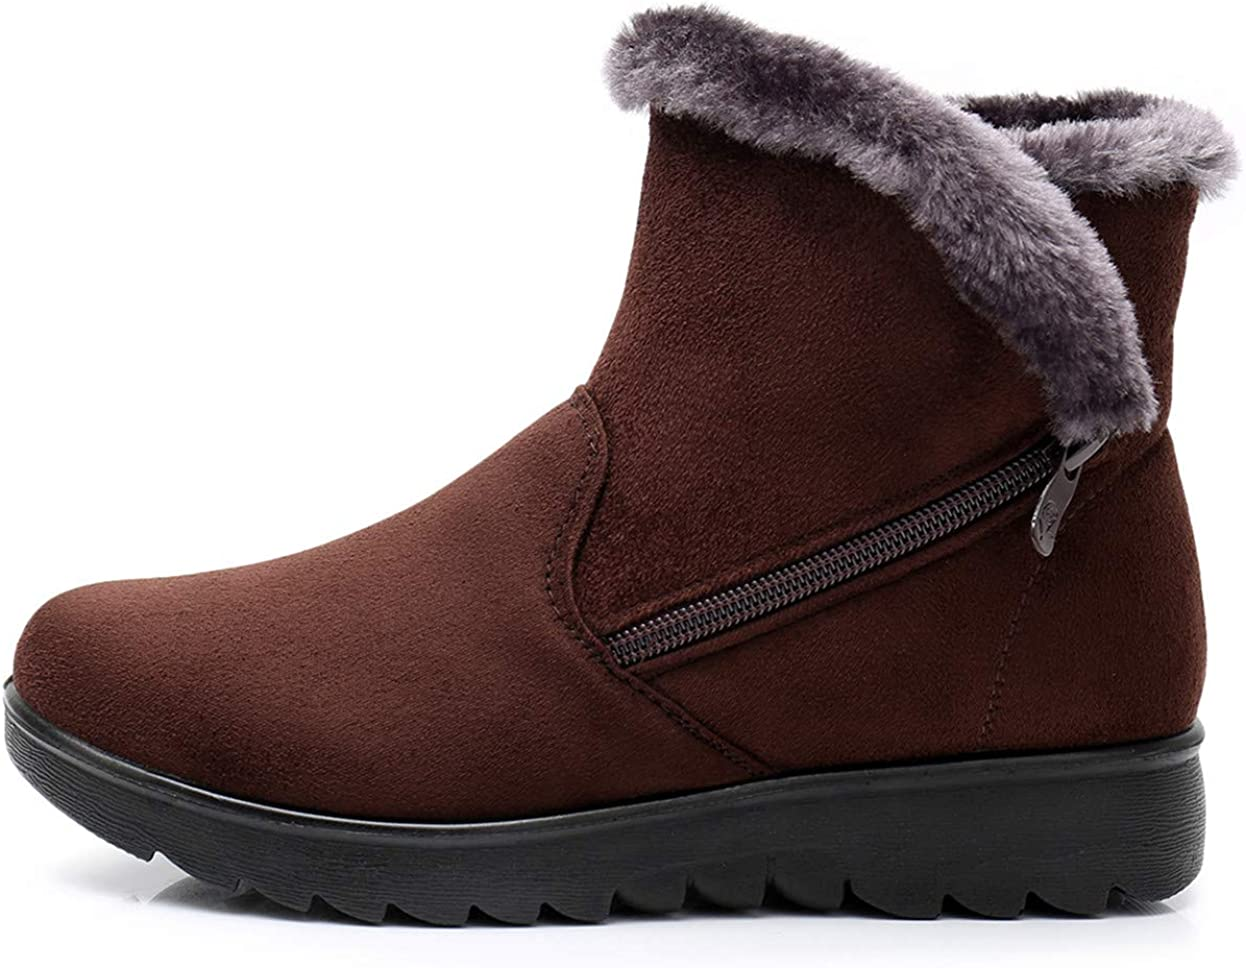 DADAWEN Womens Winter Warm Side Zipper Snow Boots